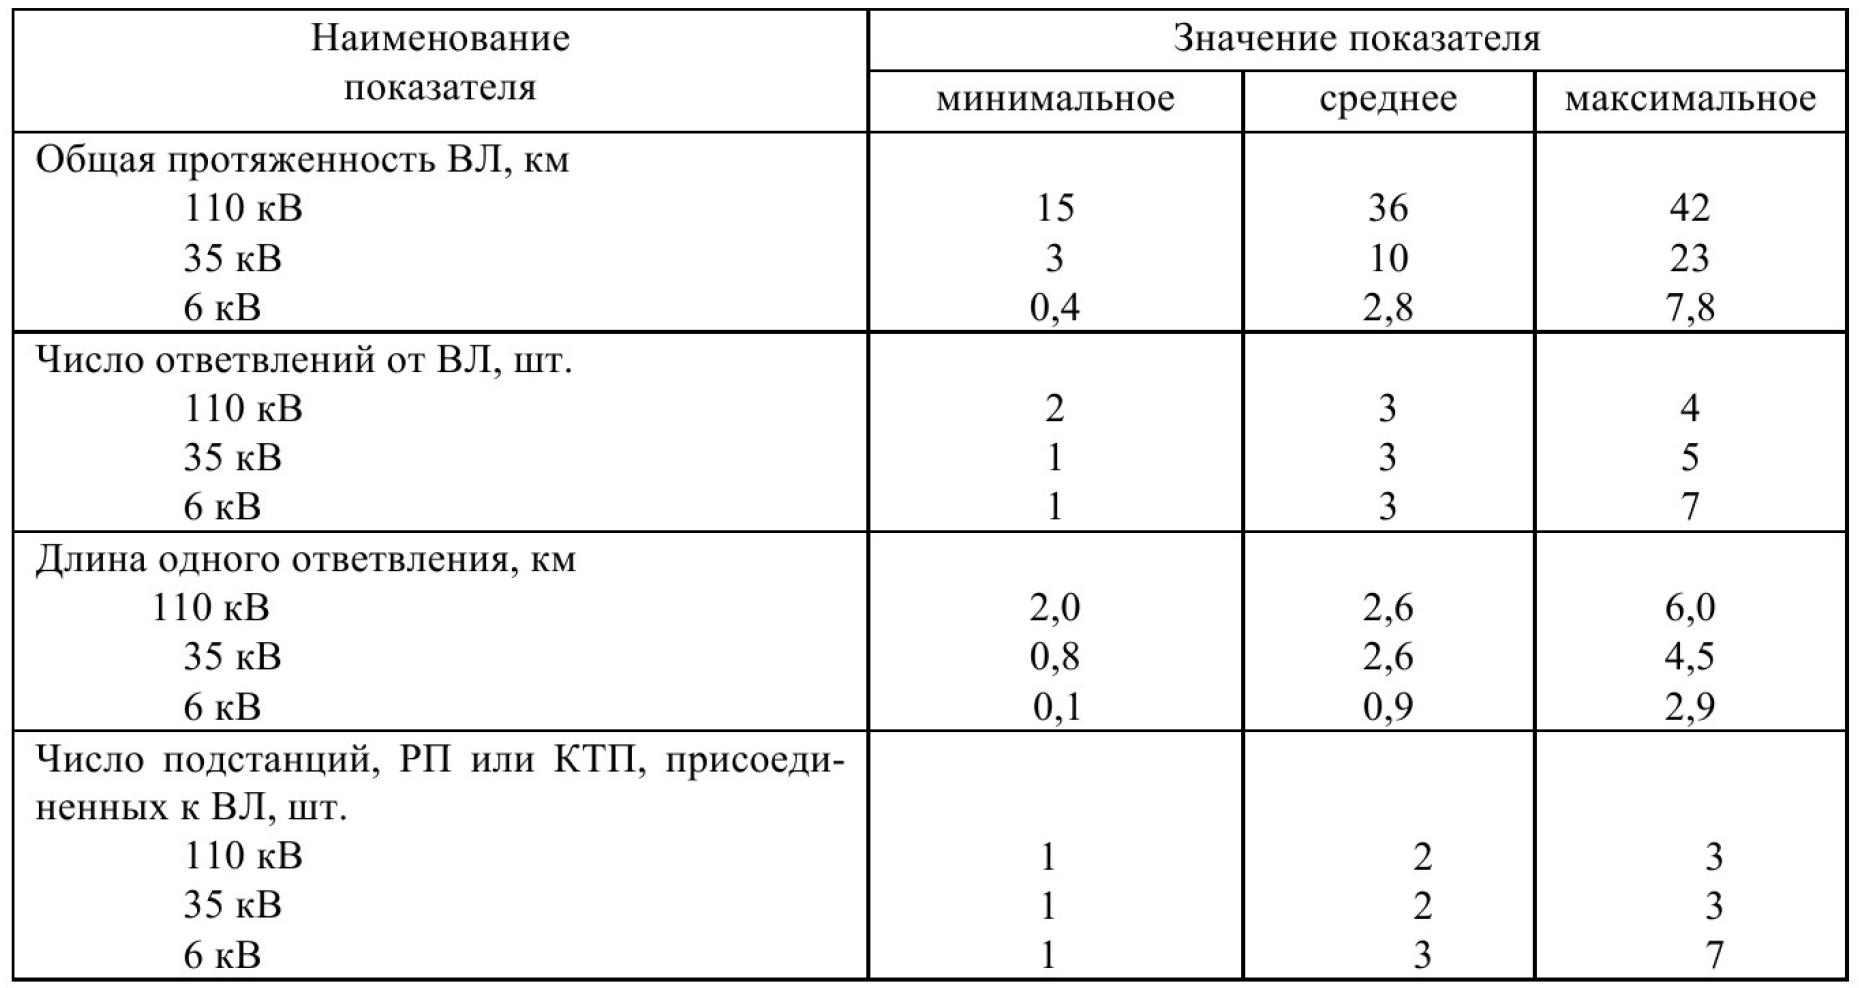 Эксплуатационная надежность стационарных электрических сетей угольных разрезов Кузбасса 1